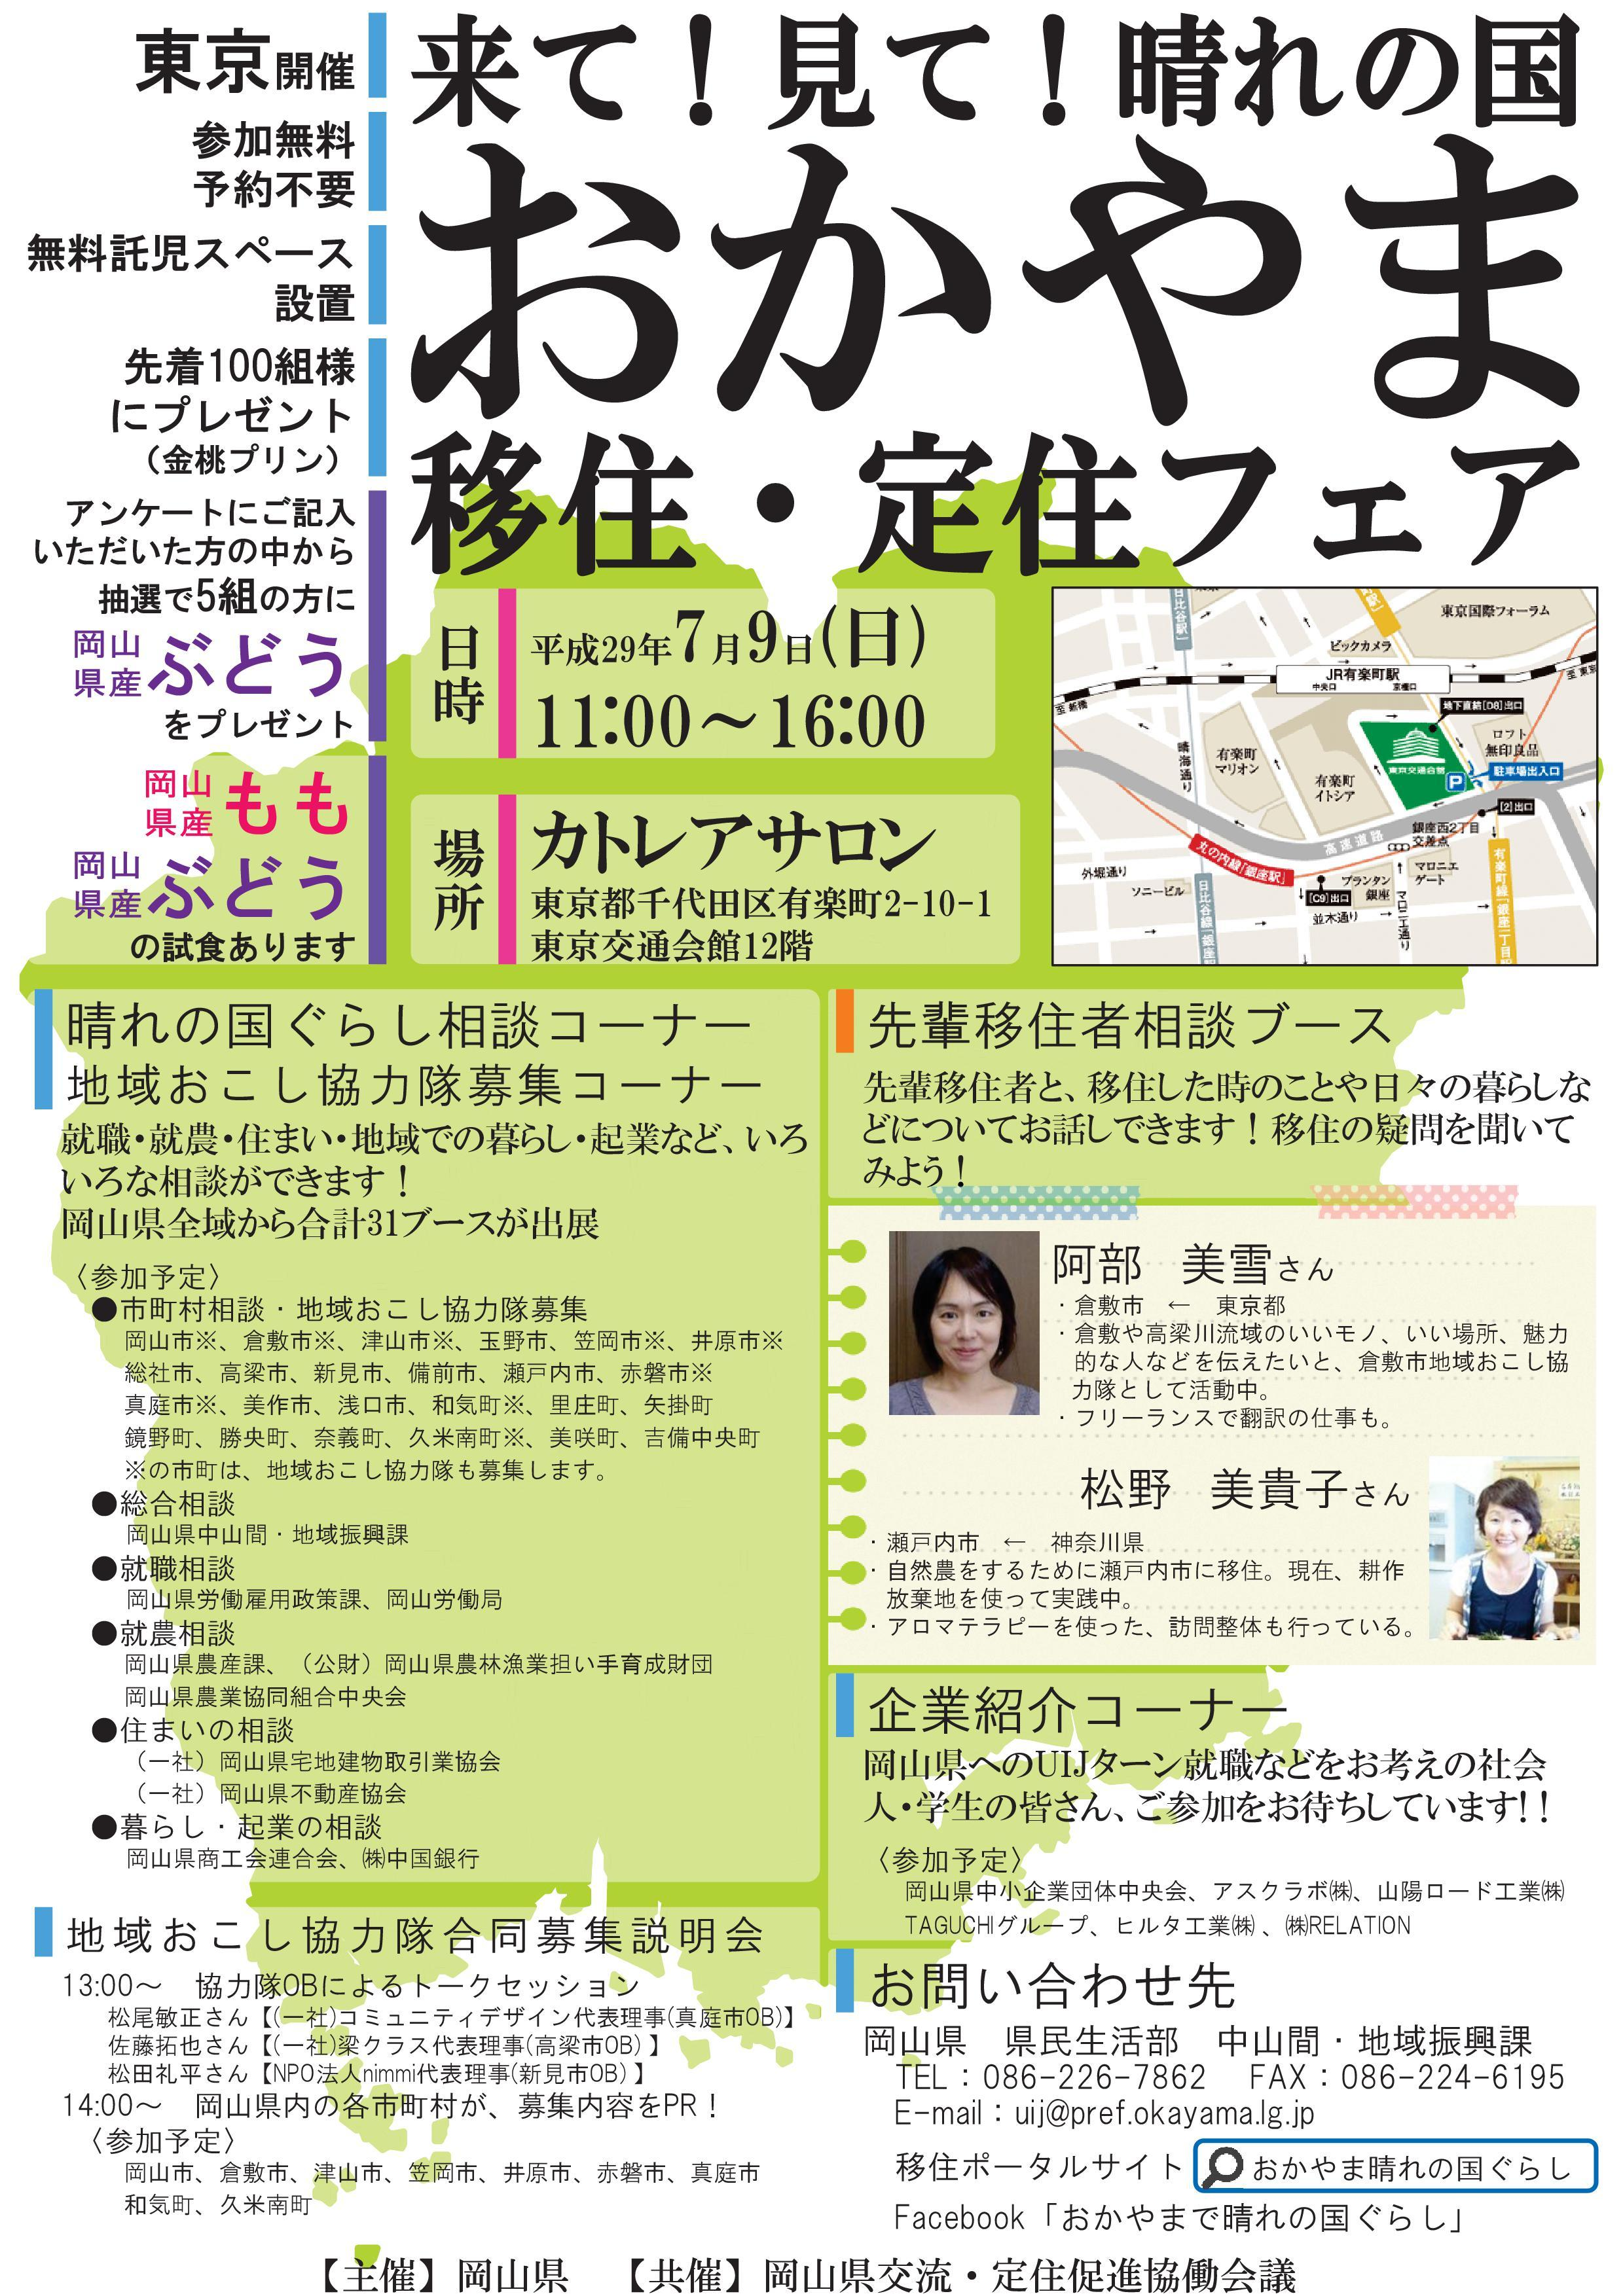 2017年7月9日(日)来て!見て!晴れの国おかやま 移住・定住フェアに津山市も参加します